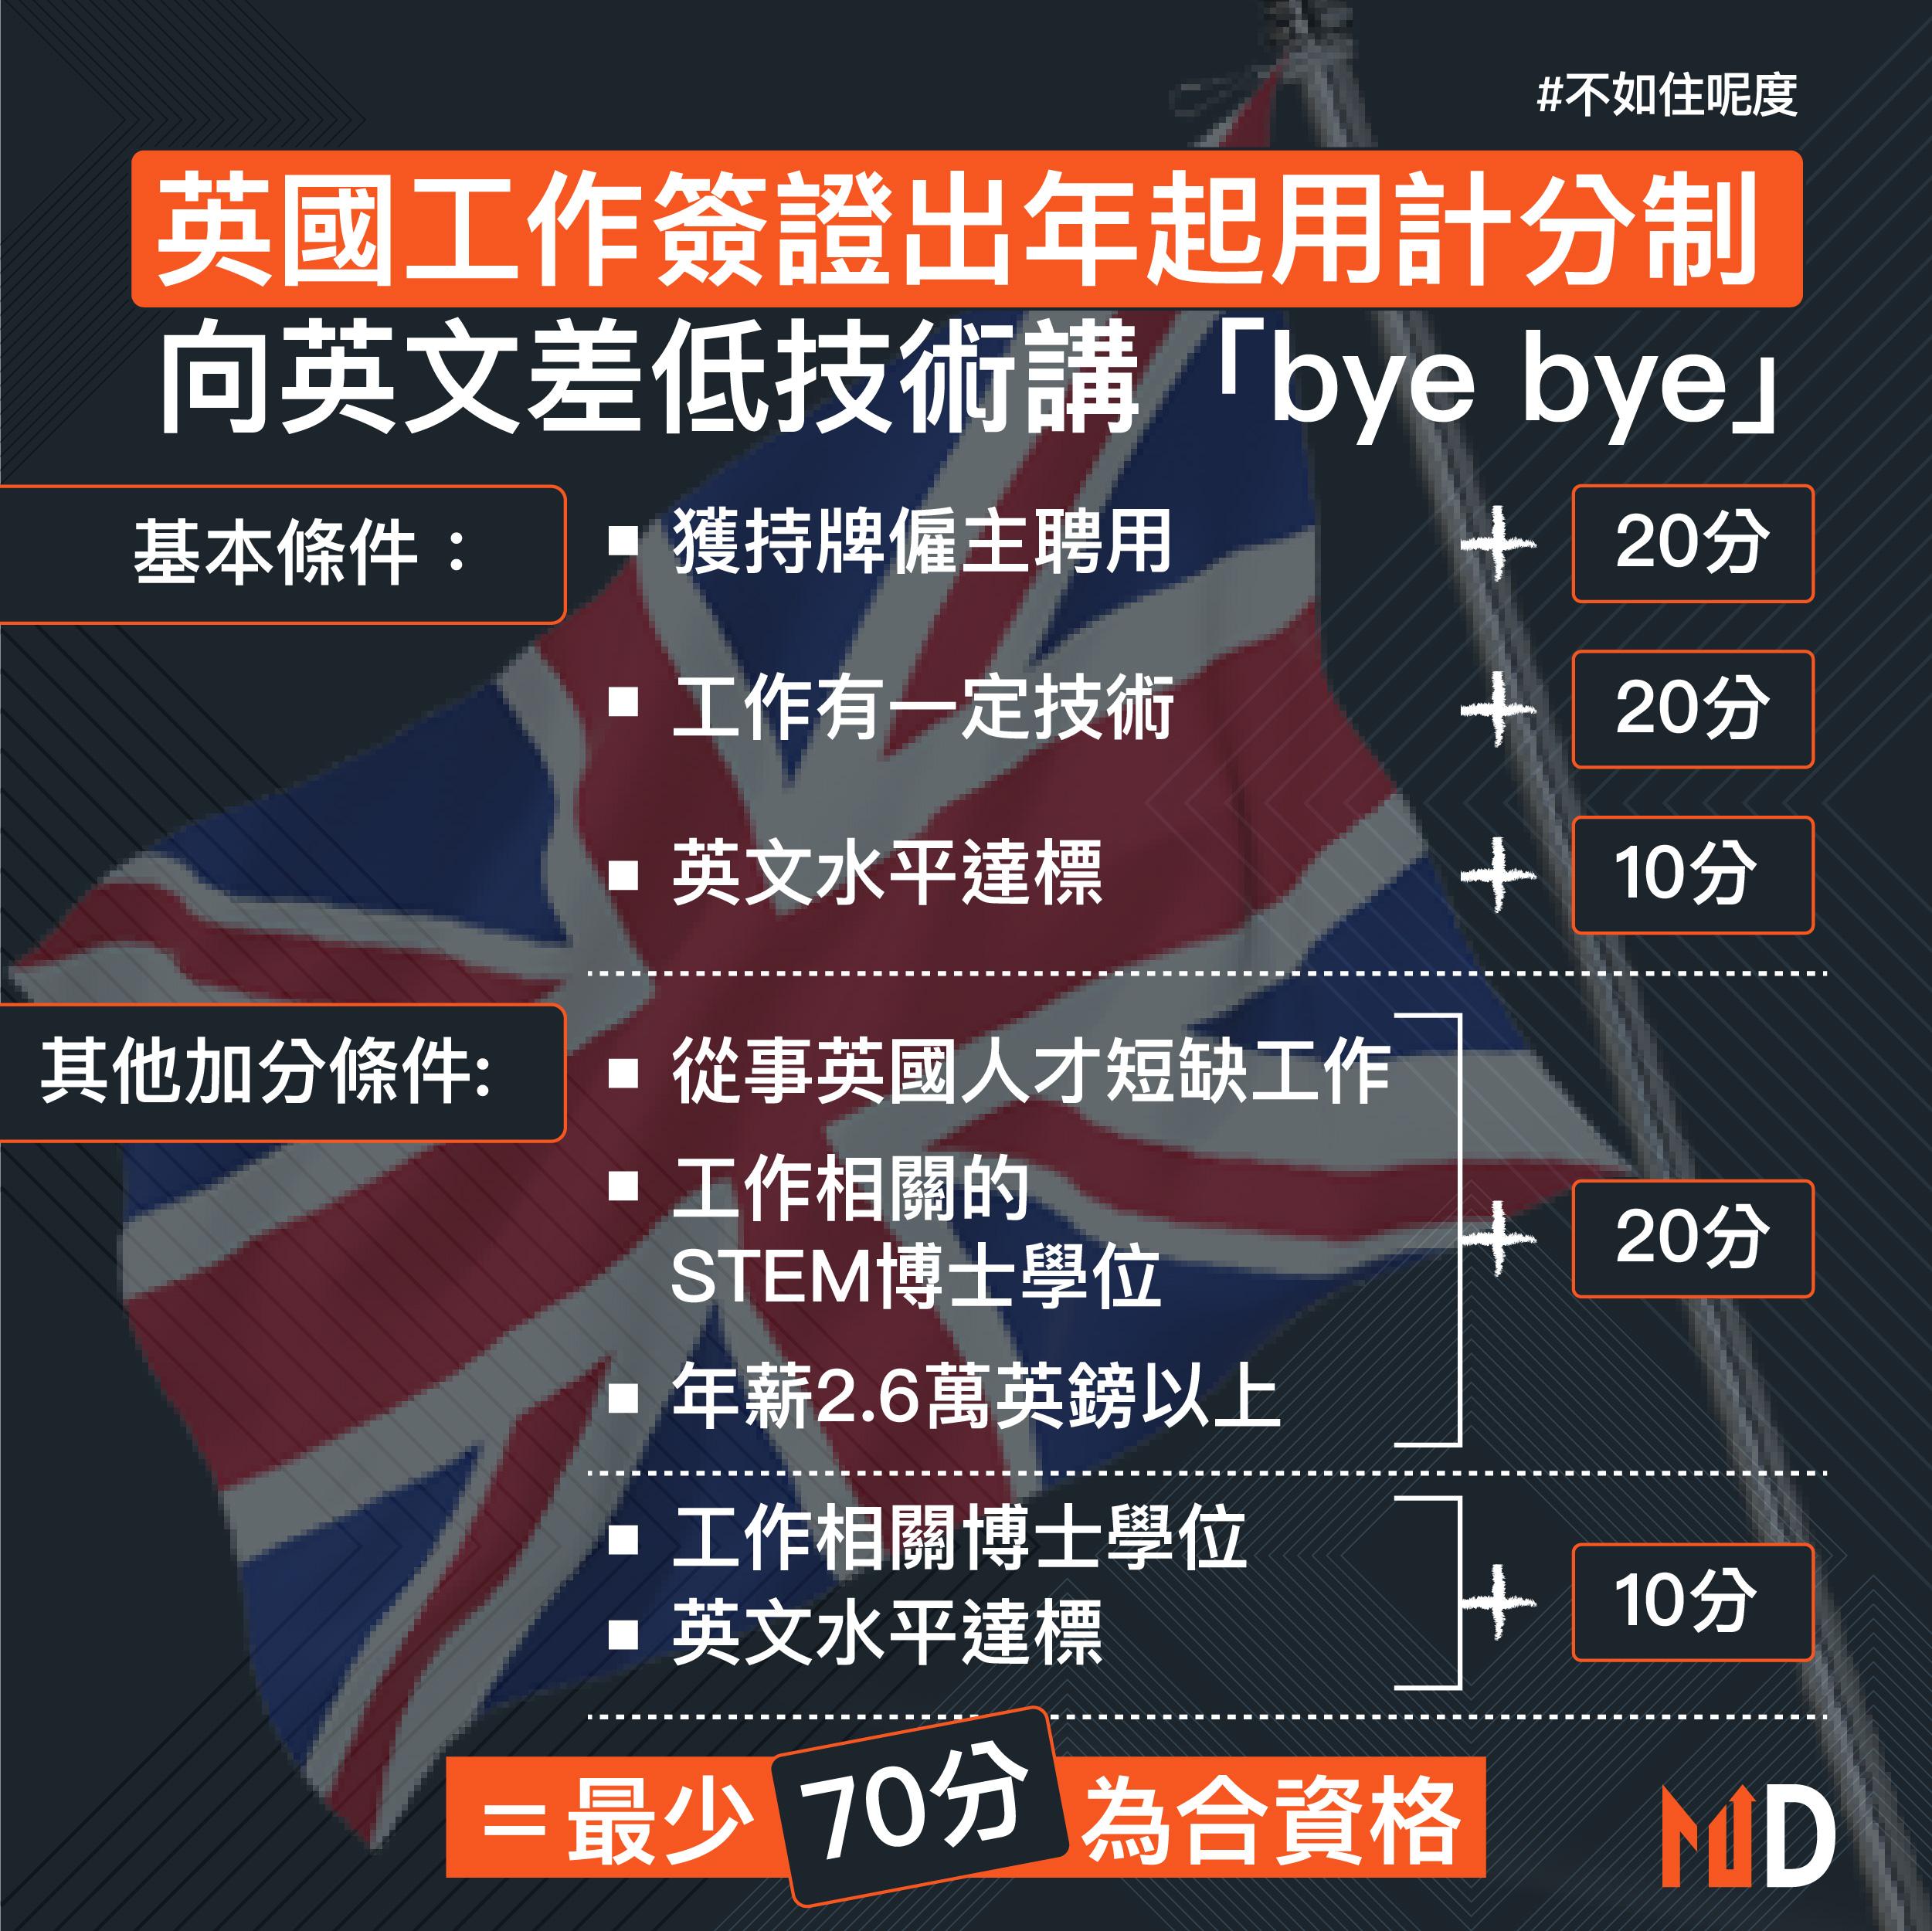 【不如住呢度】英國工作簽證出年起用計分制 向英文差低技術講「bye bye」